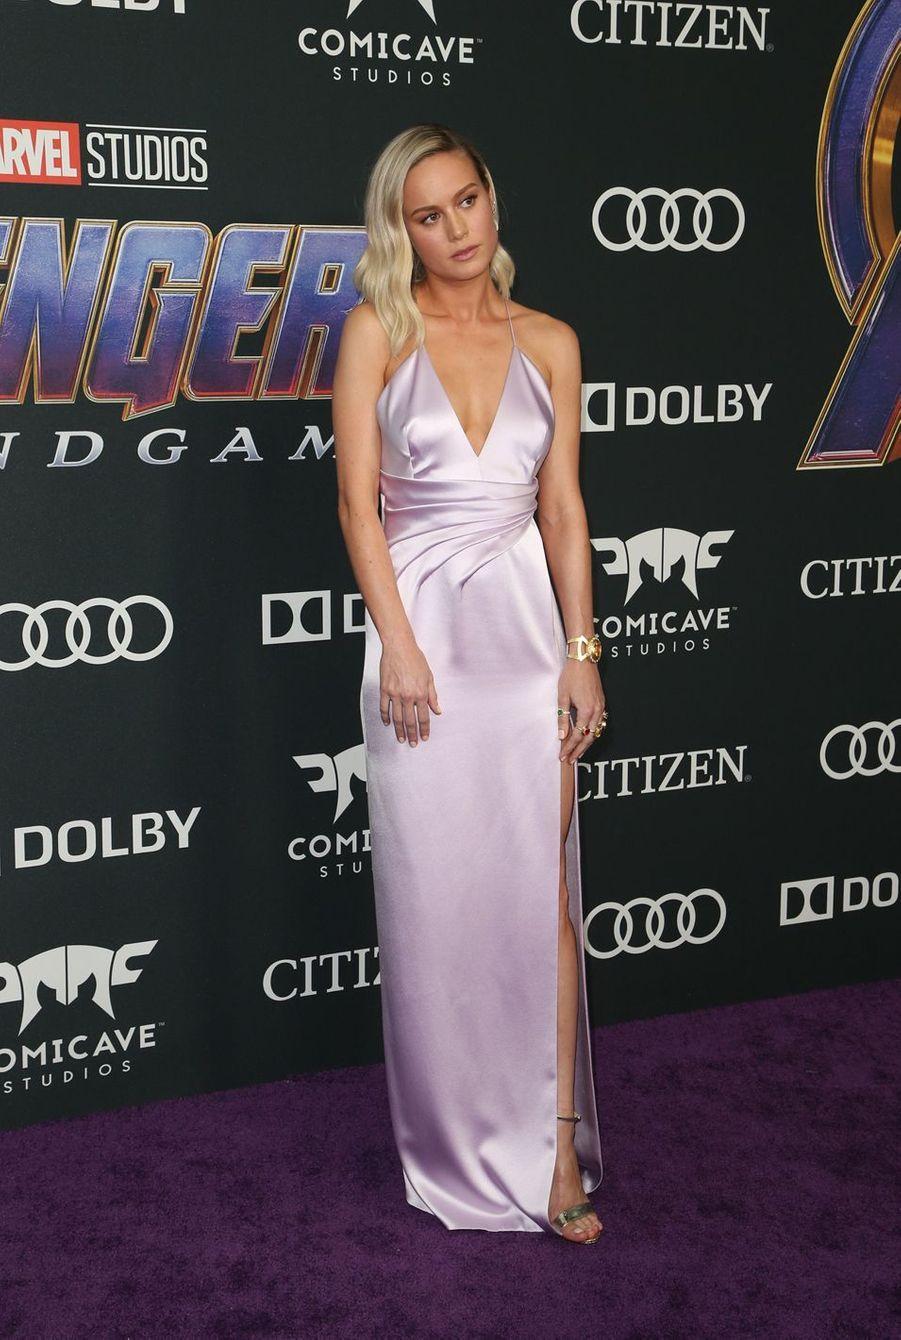 Brie Larsonà l'avant-première d'«Avengers : Endgame» à Los Angeles le 22 avril 2019